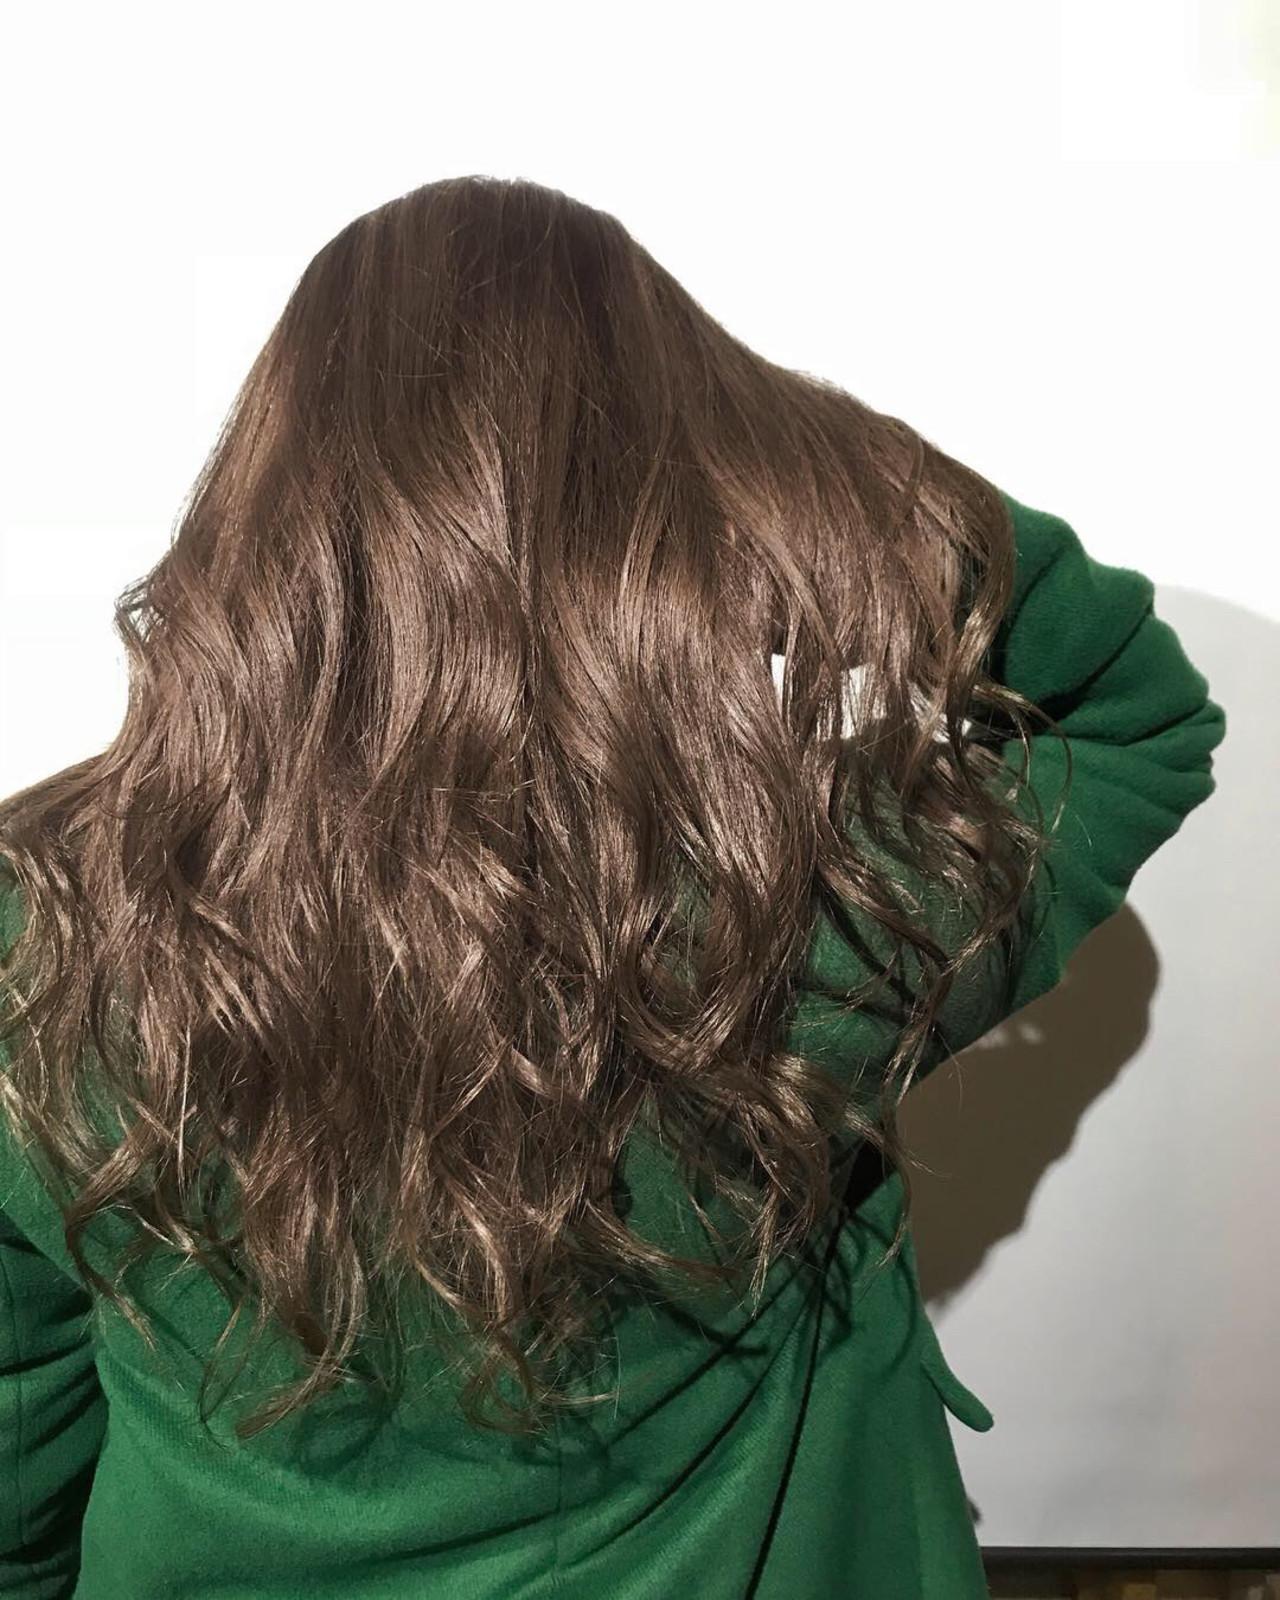 グレージュ 簡単ヘアアレンジ バレイヤージュ ヘアアレンジ ヘアスタイルや髪型の写真・画像